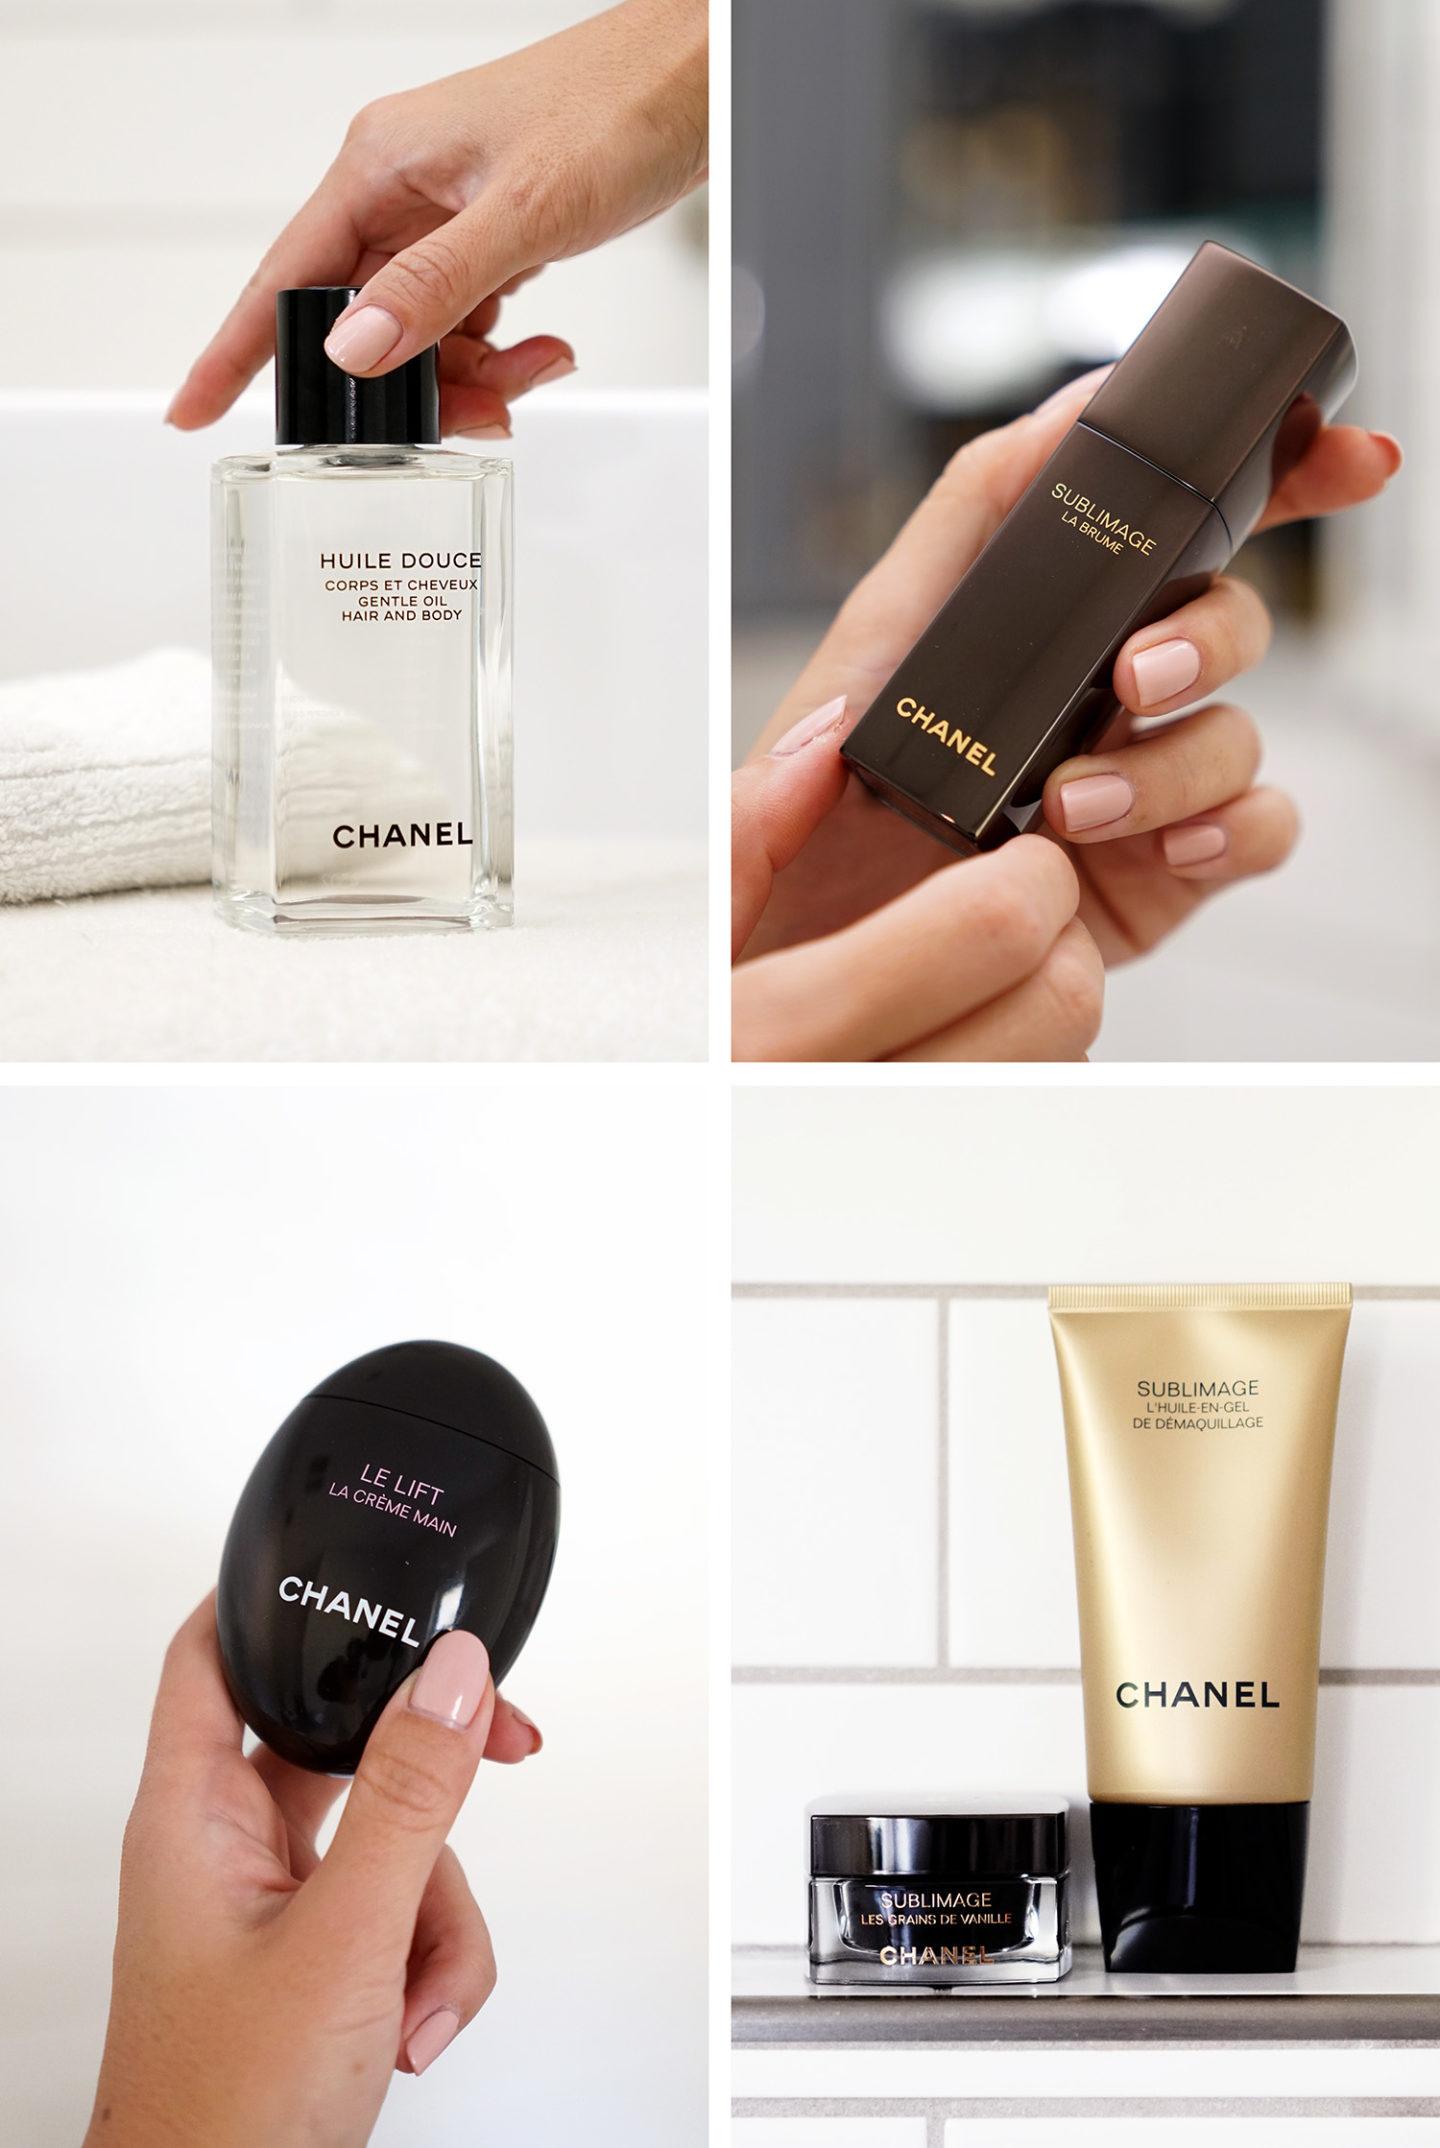 Chanel Favorites for November Body Oil, Crème pour les mains Le Lift, Sublimage